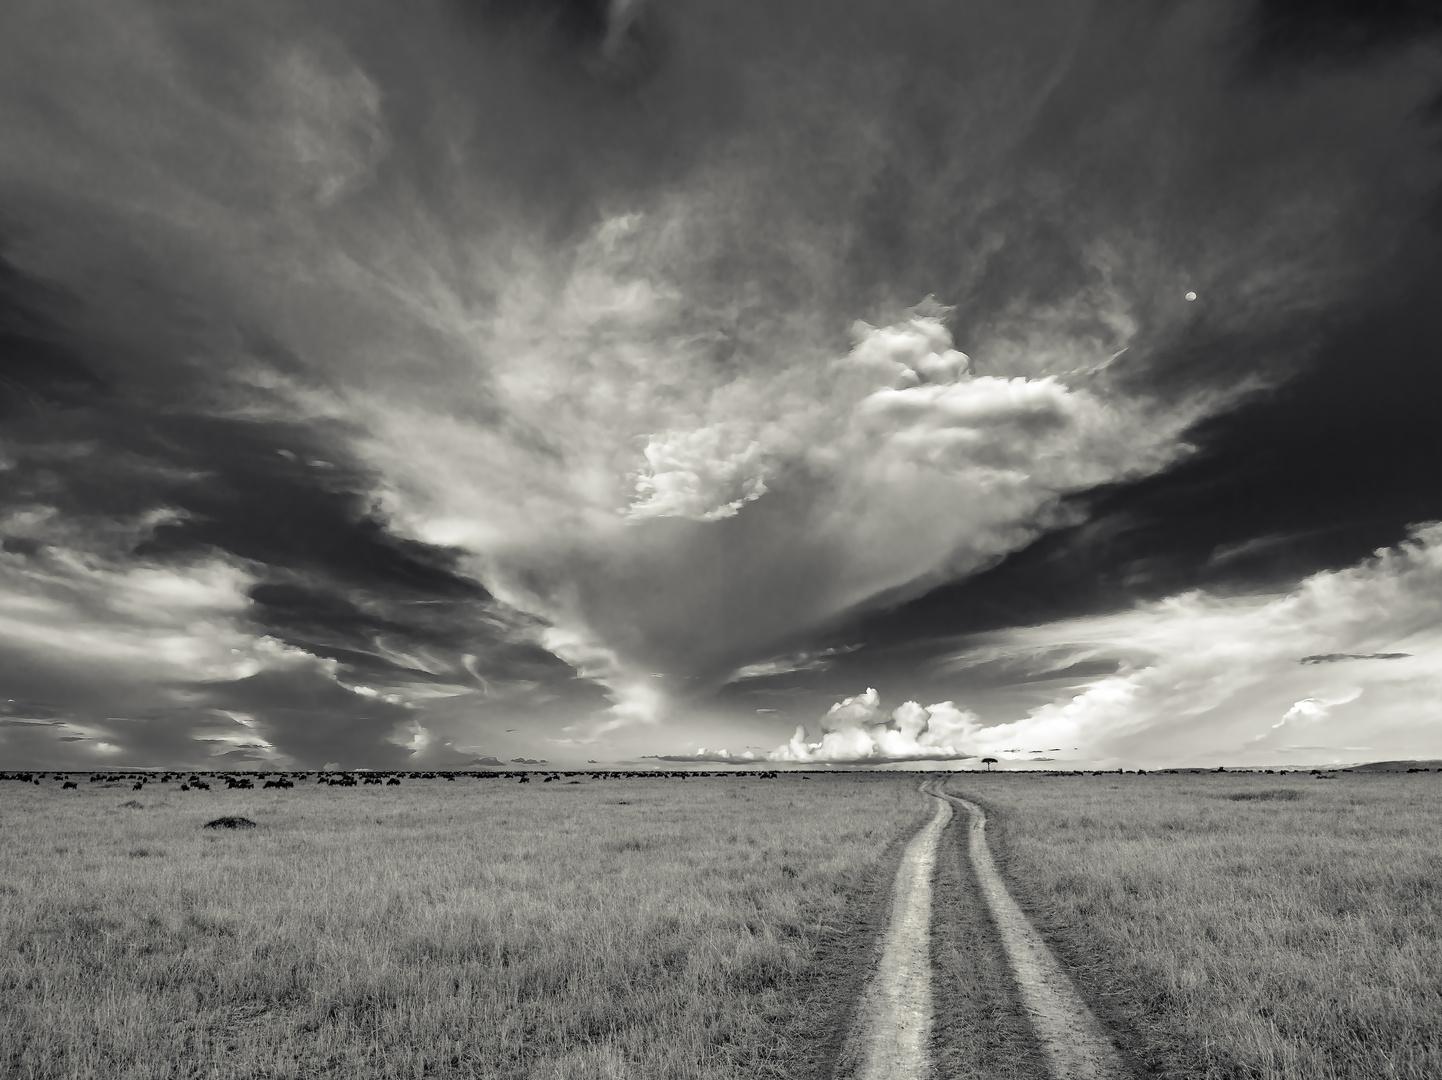 Der Weg zum Horizont